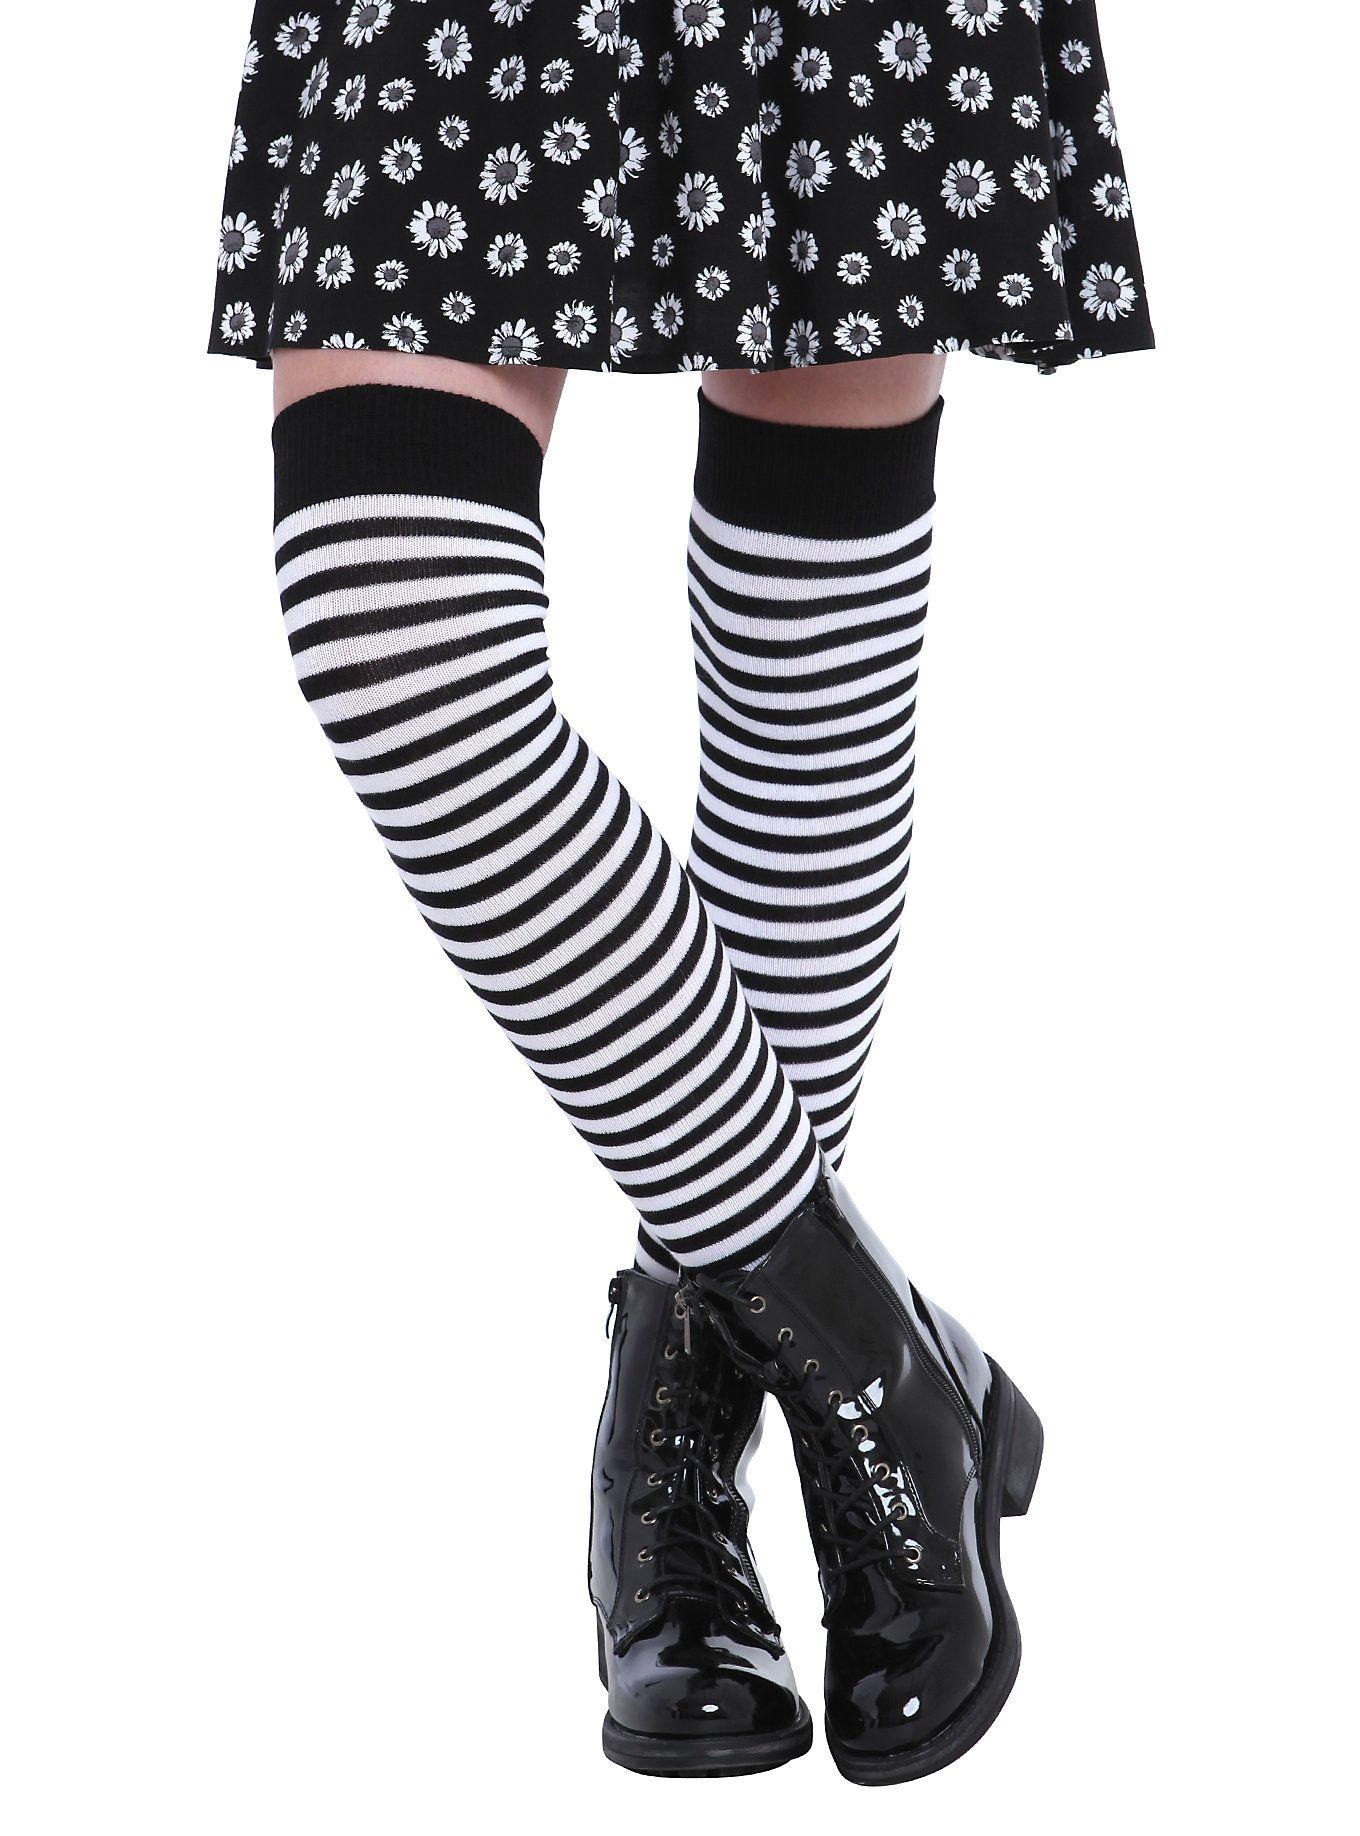 LOVEsick Black & White Striped OverTheKnee Socks Over